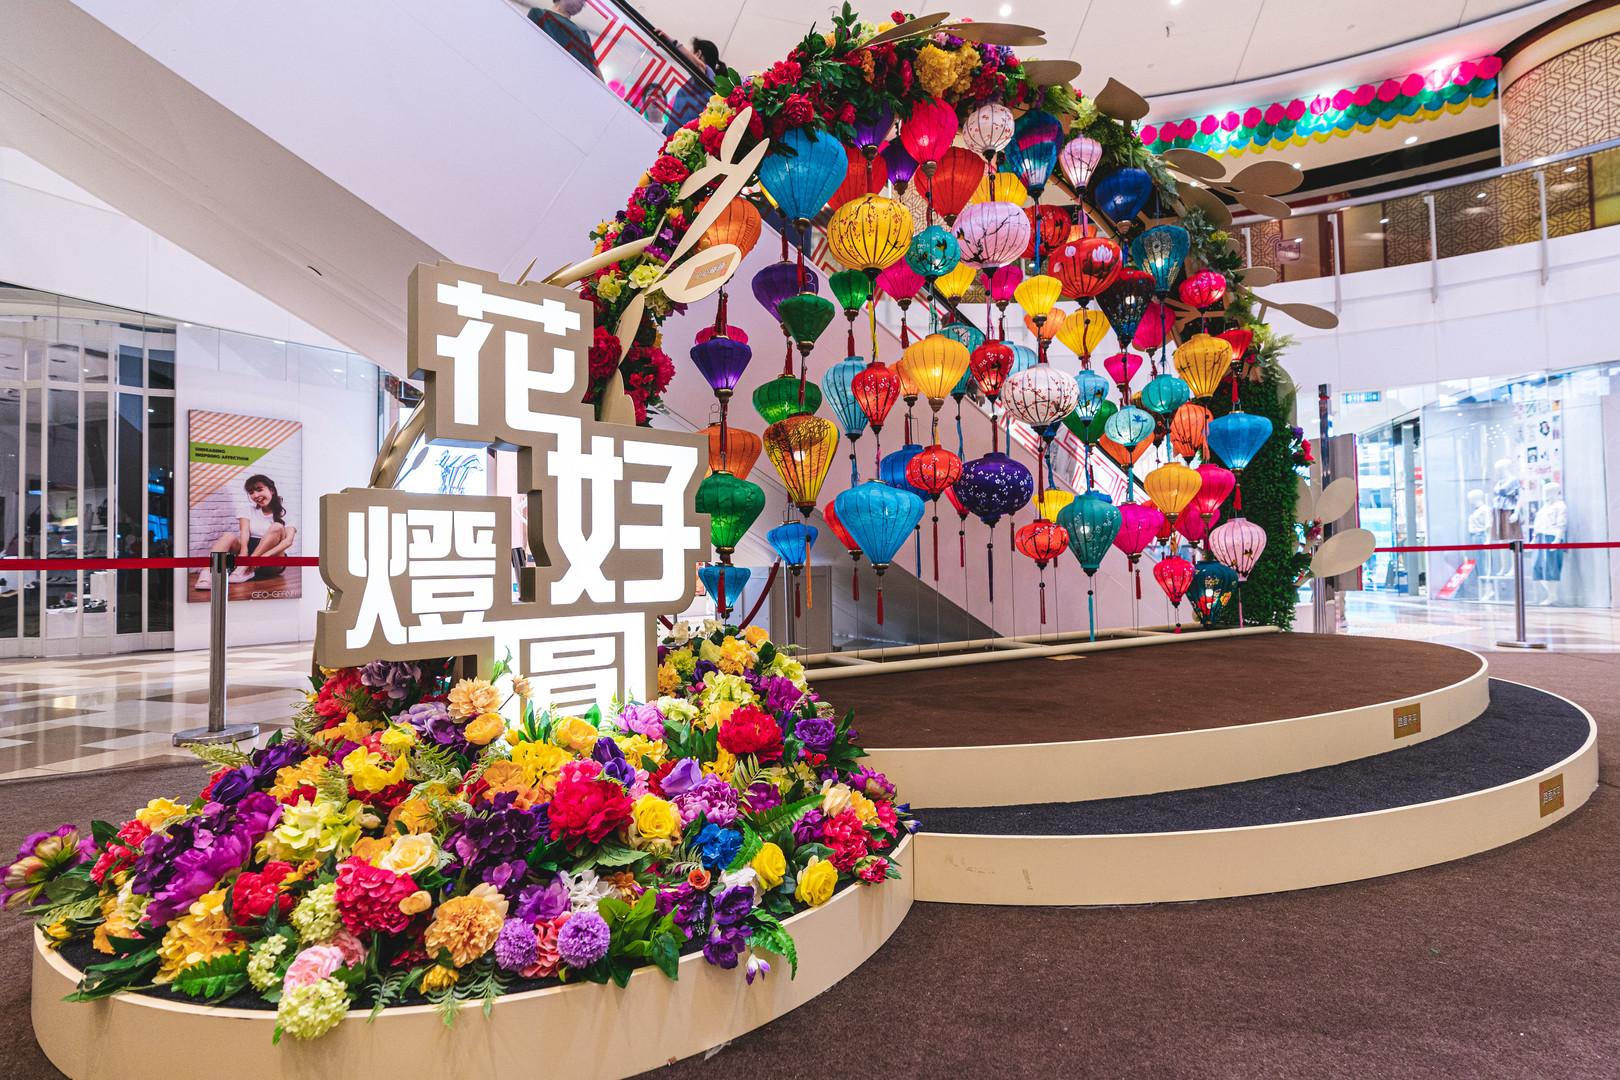 Temple Mall Mid-Autumn Festival Project 黄大仙中心北馆中秋节项目 2019